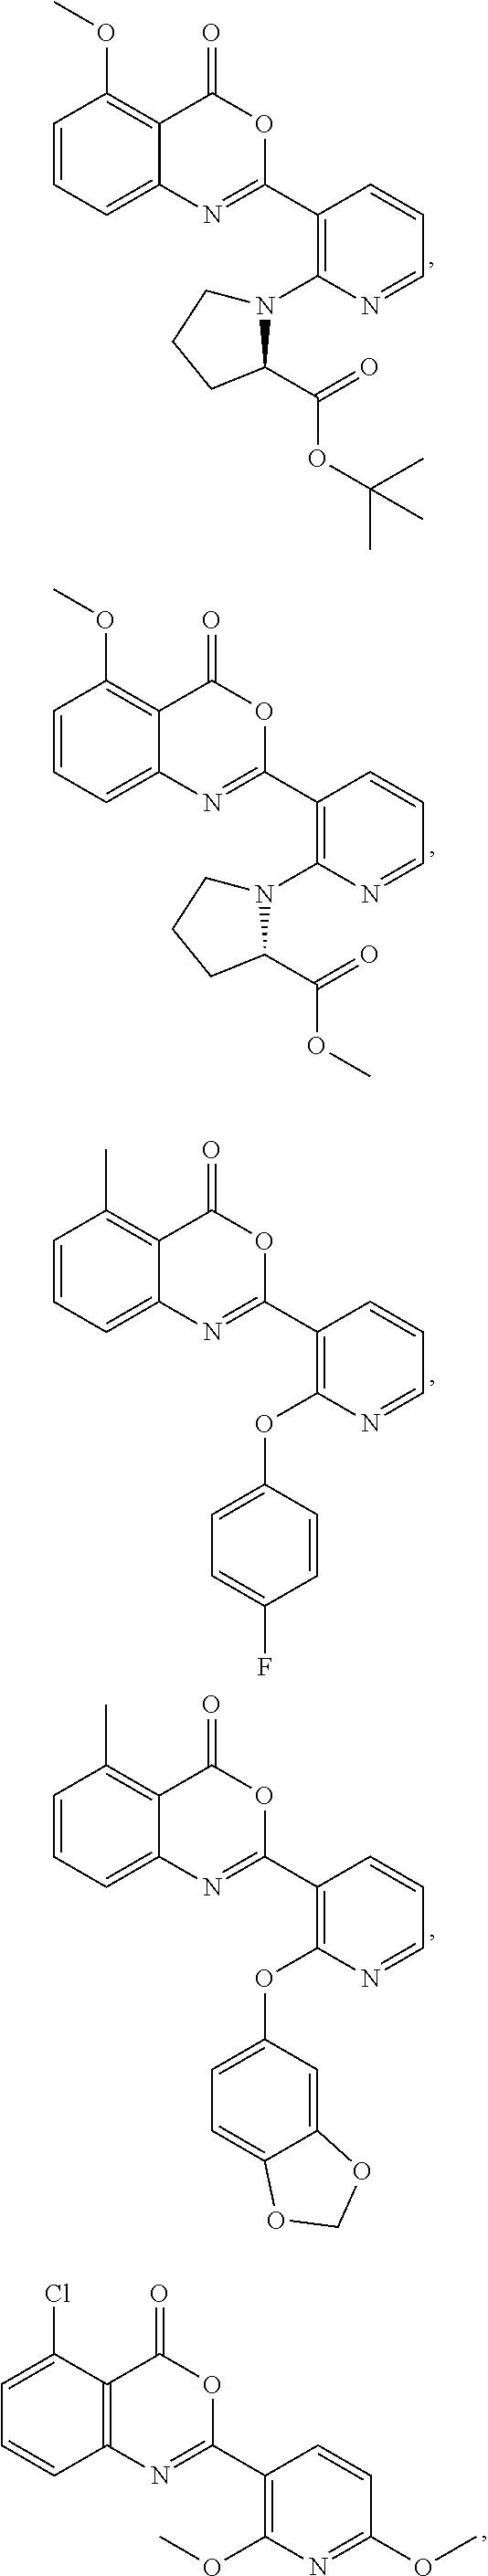 Figure US07879846-20110201-C00029